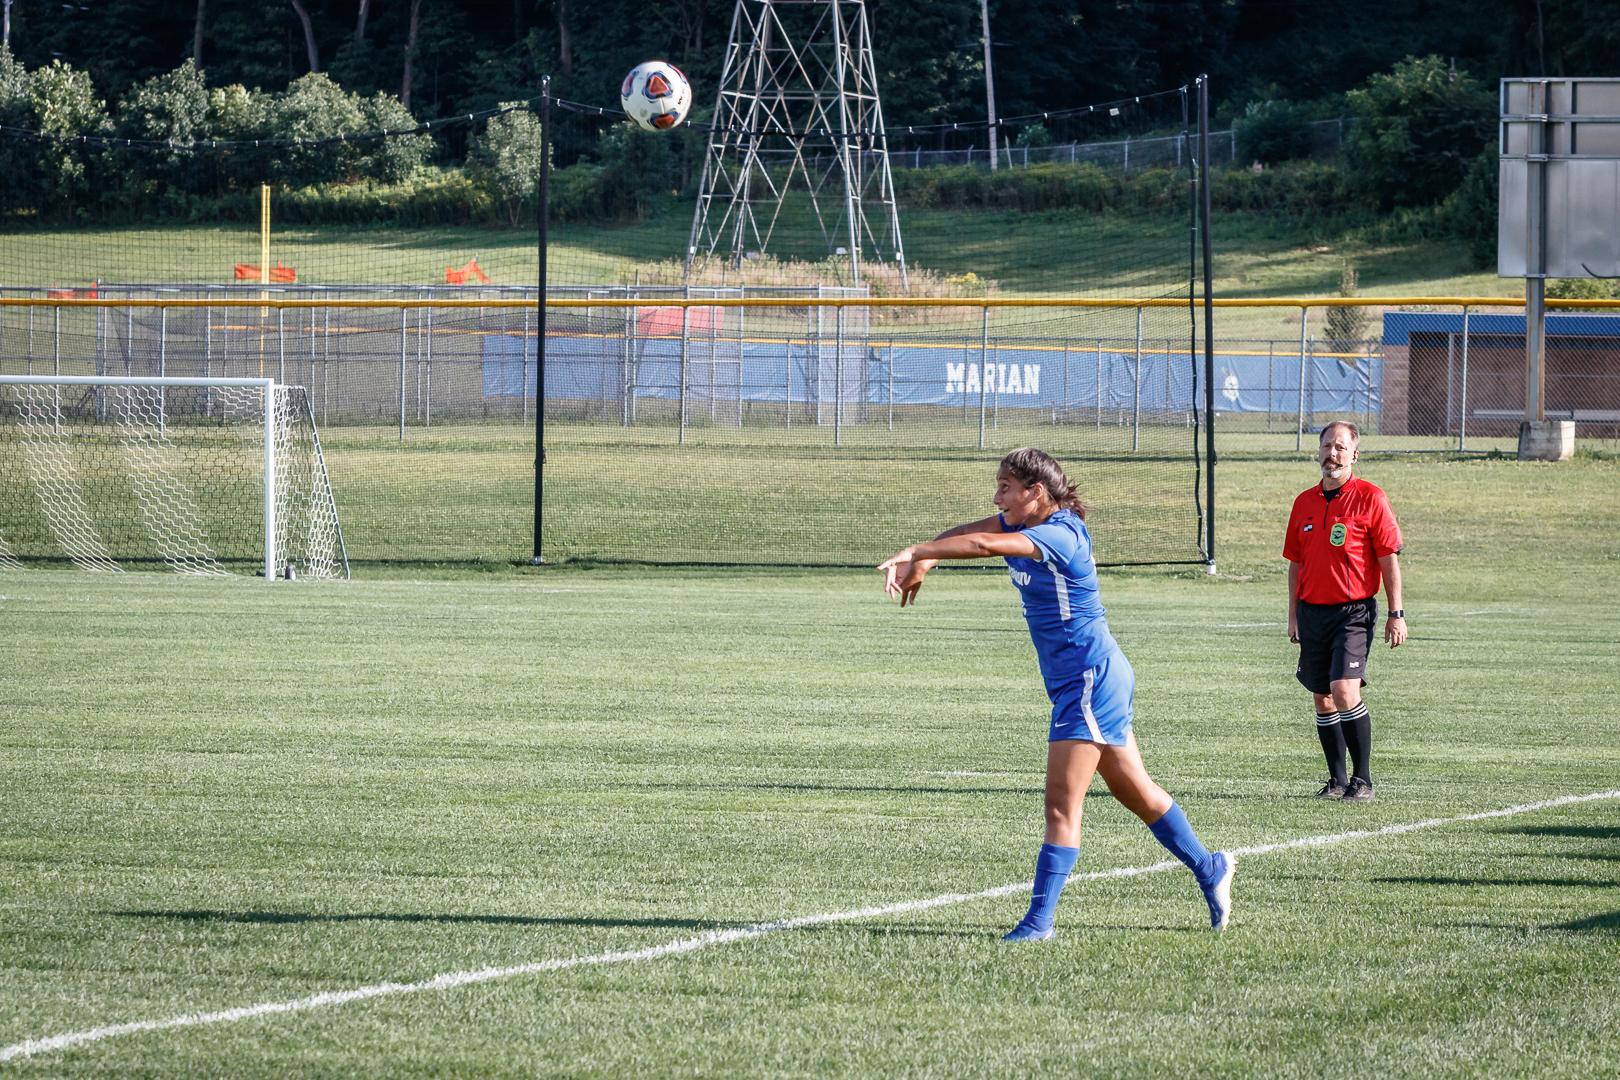 Marian-Girls-Soccer-8410.jpg